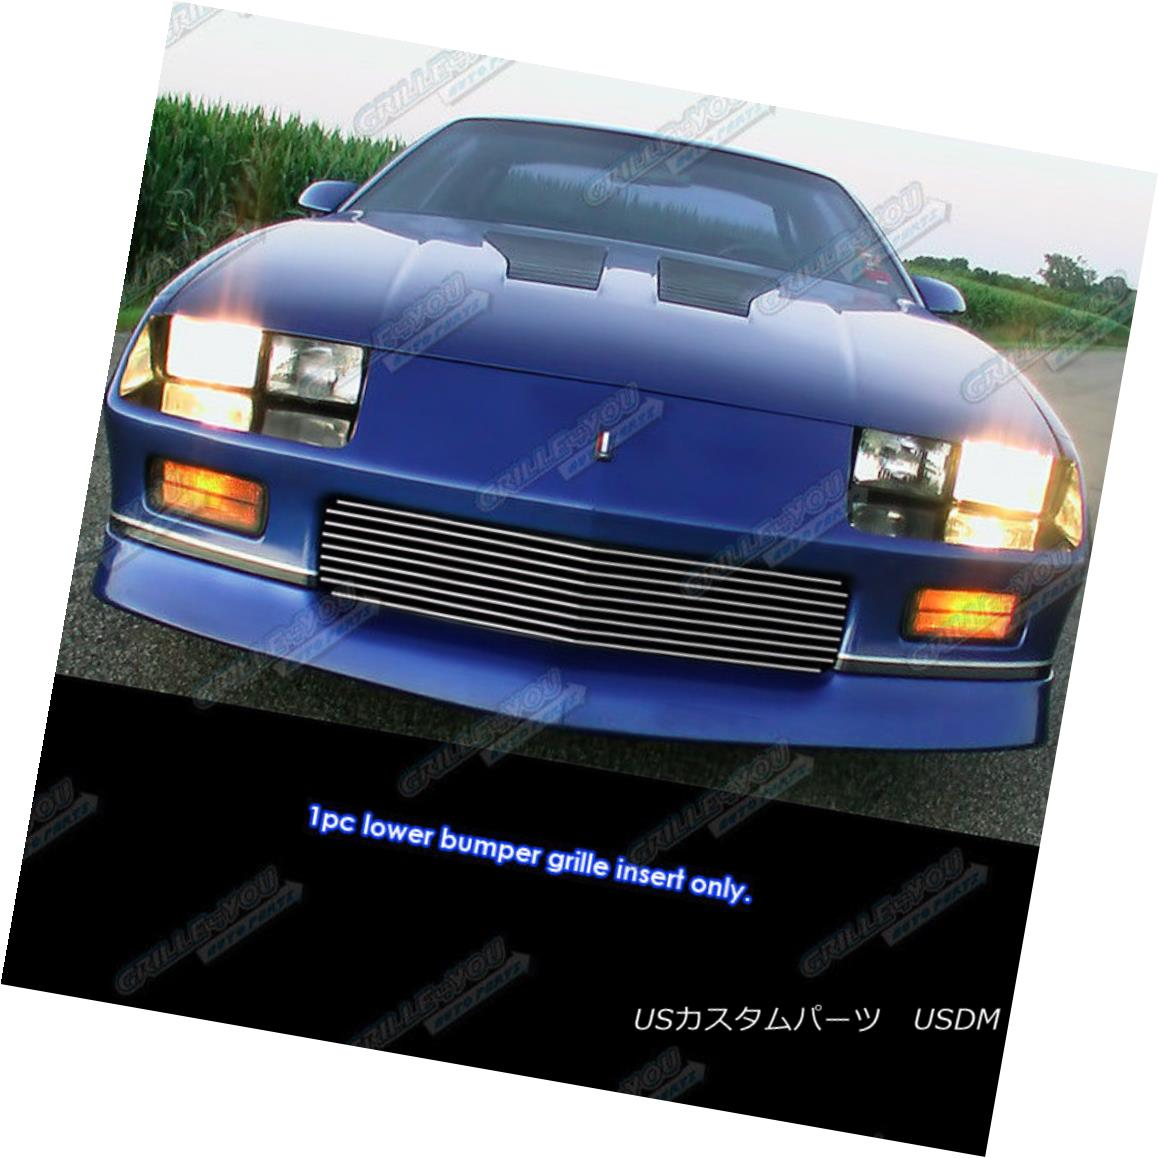 グリル Fits 1982-1987 Chevy Camaro Z28 Main Upper Billet Grille Grill Insert フィット1982-1987シボレーカマロZ28メインアッパービレットグリルグリルインサート